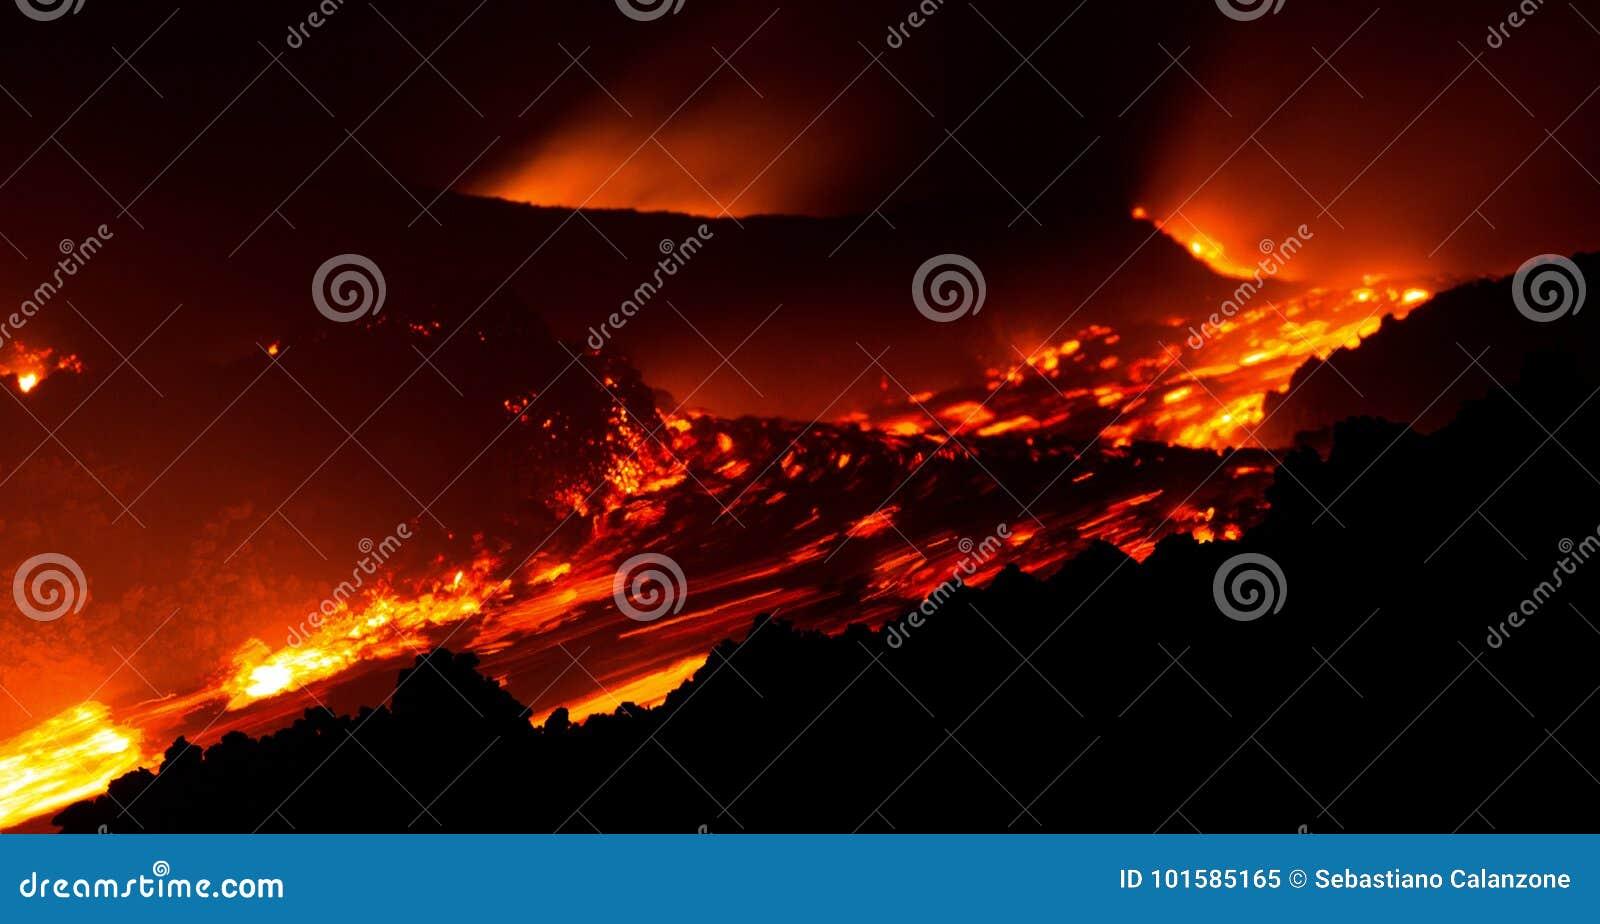 Лавовый поток в движении на вулкане Этна от активного центрального кратера